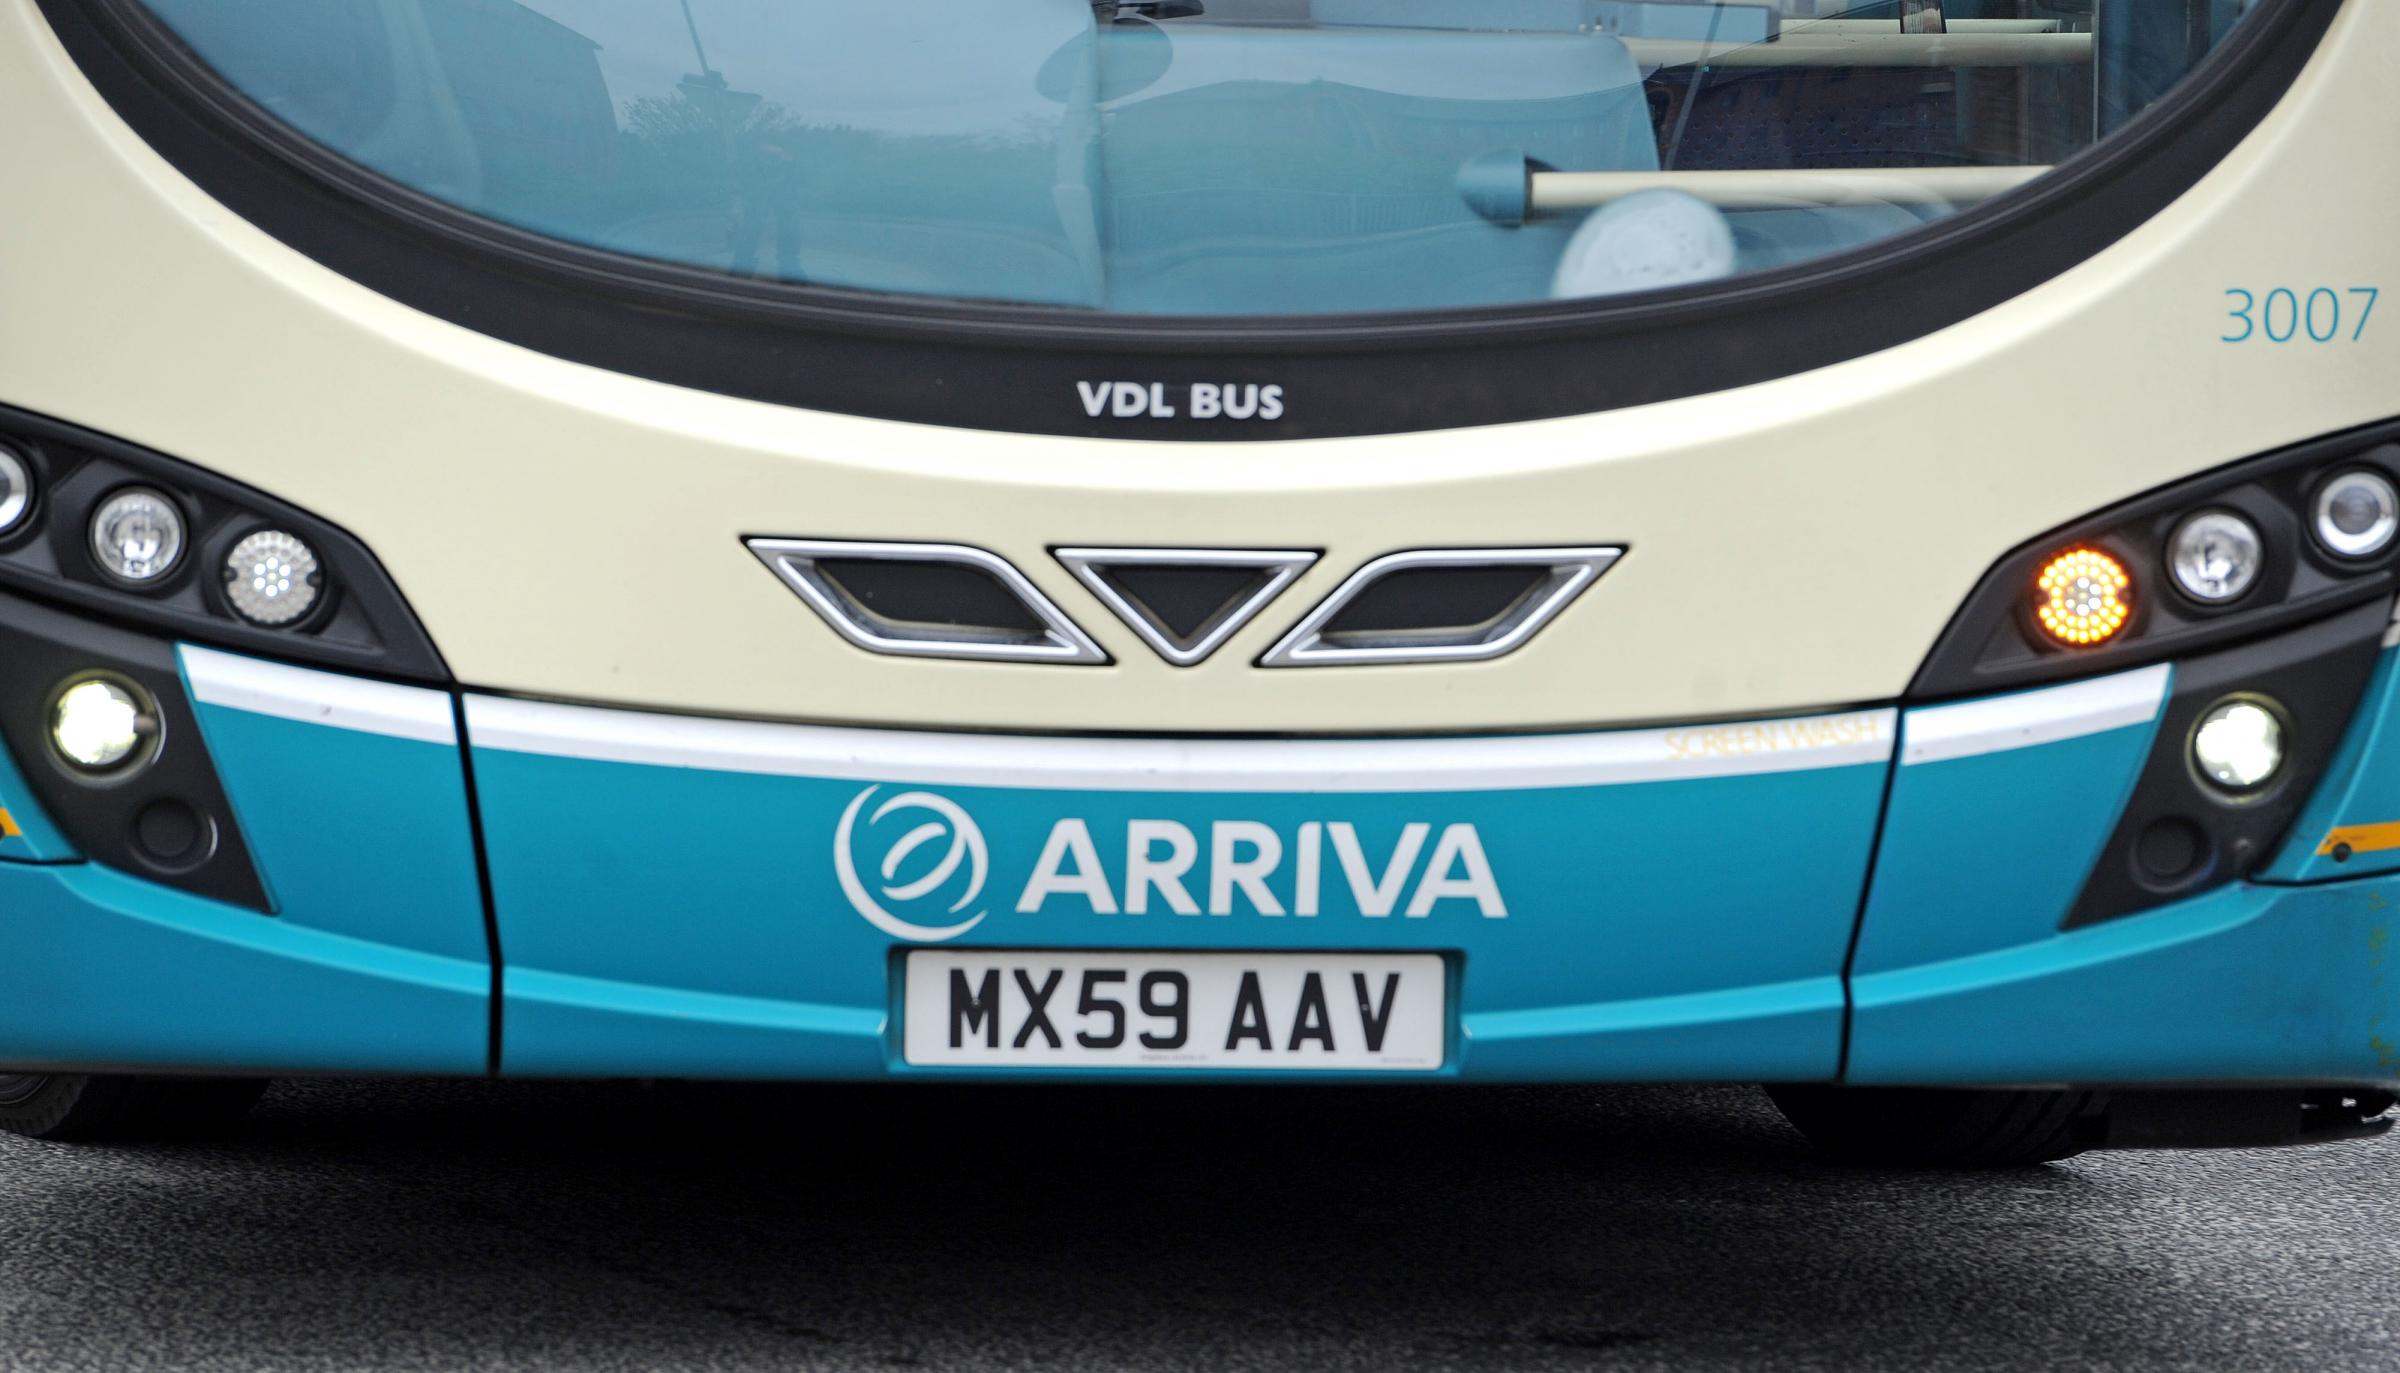 Se detuvo la huelga de autobuses de Arriva alrededor de Teesside y el condado de Durham